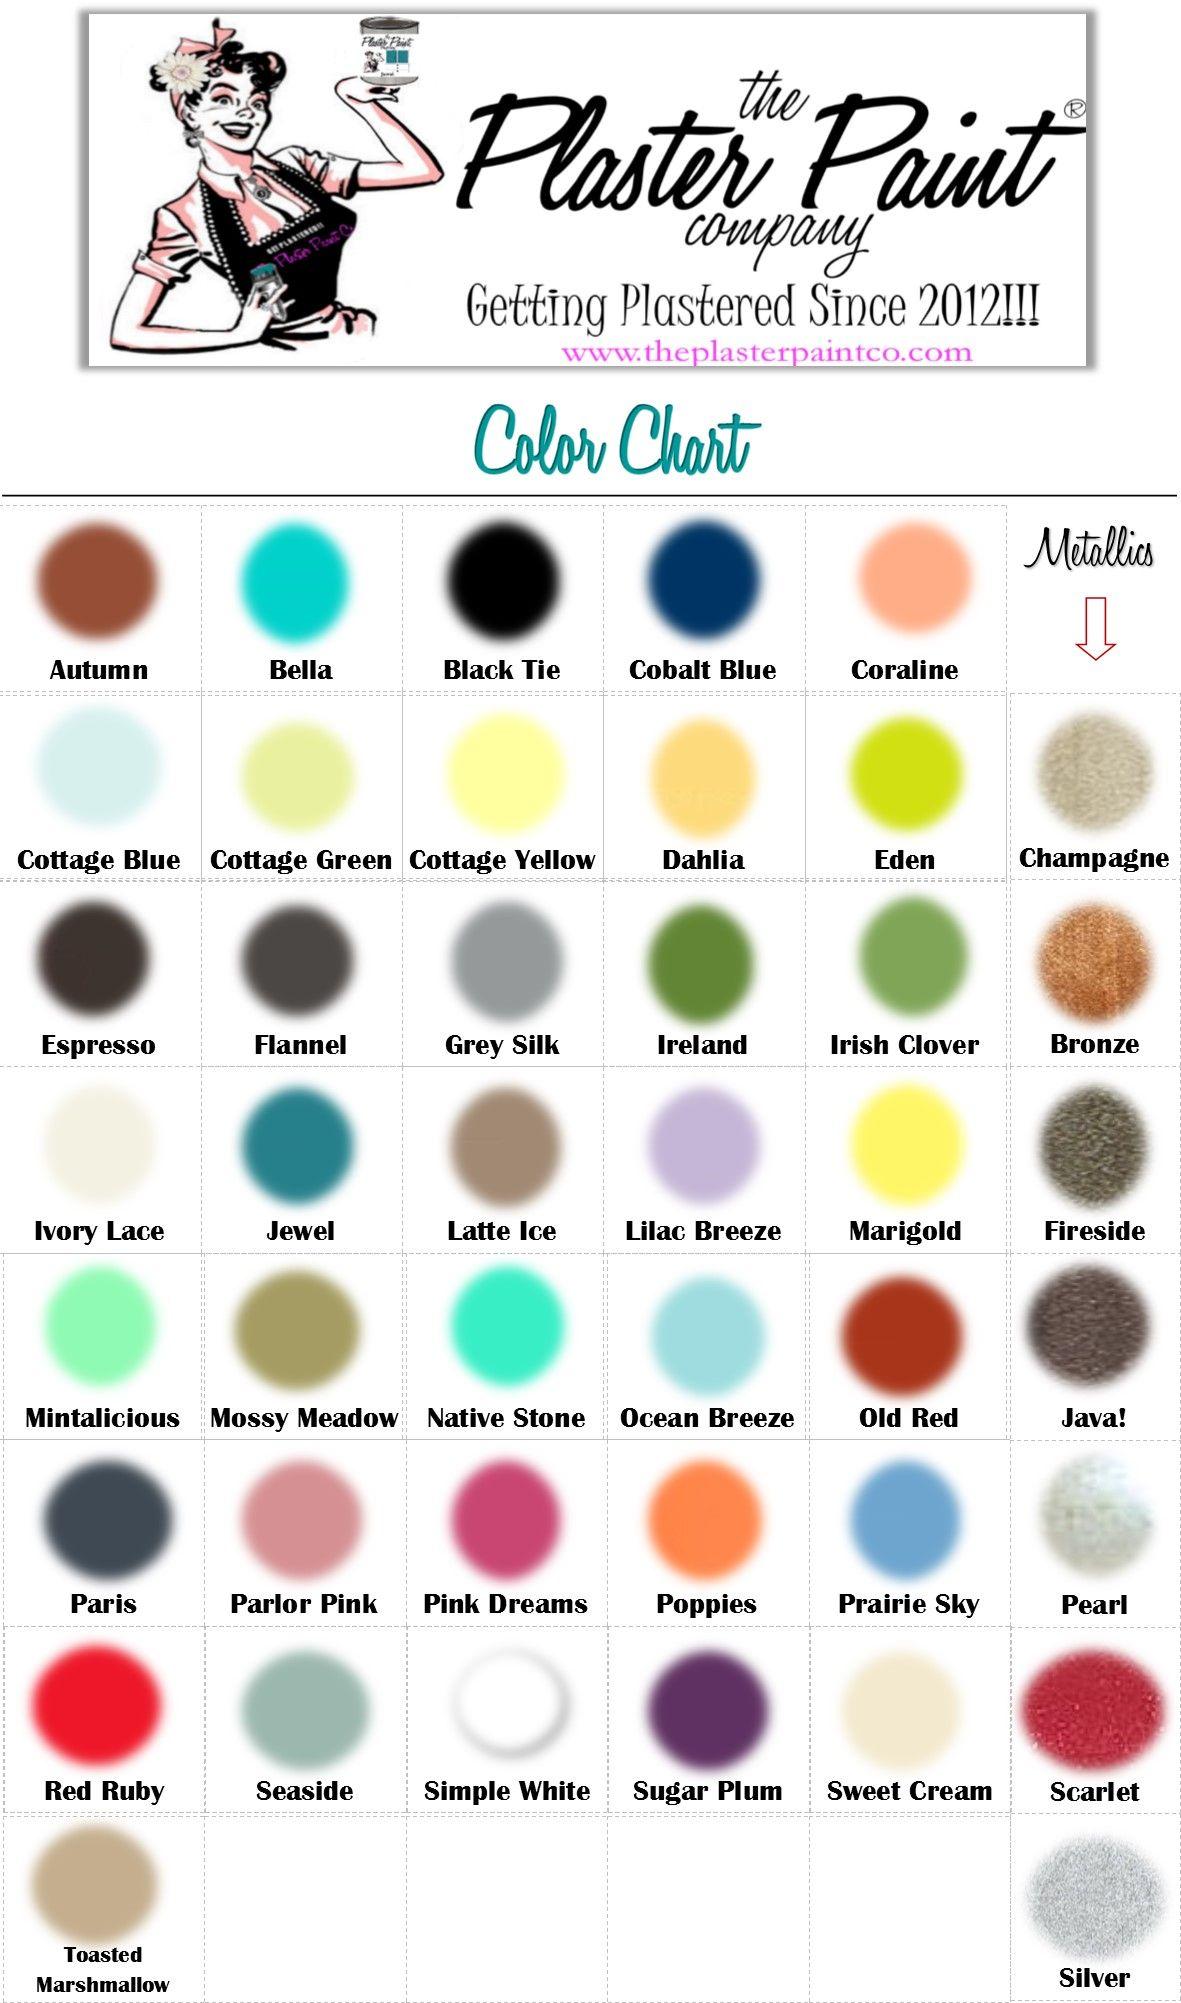 Plaster Paint Color Chart Plaster Paint Company